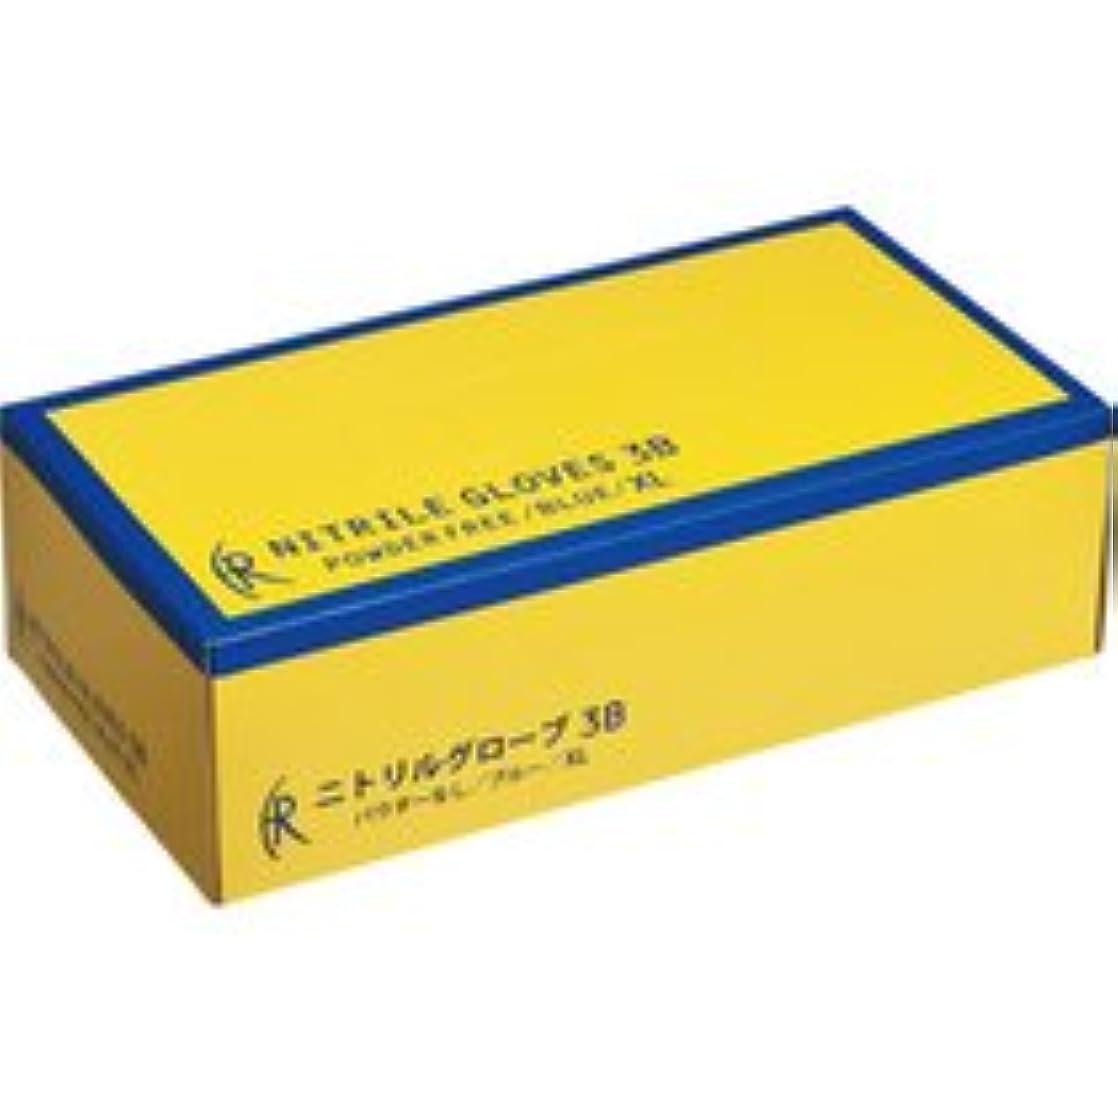 アンソロジー素晴らしき拡張ファーストレイト ニトリルグローブ3B パウダーフリー XL FR-5664 1セット(2000枚:200枚×10箱)